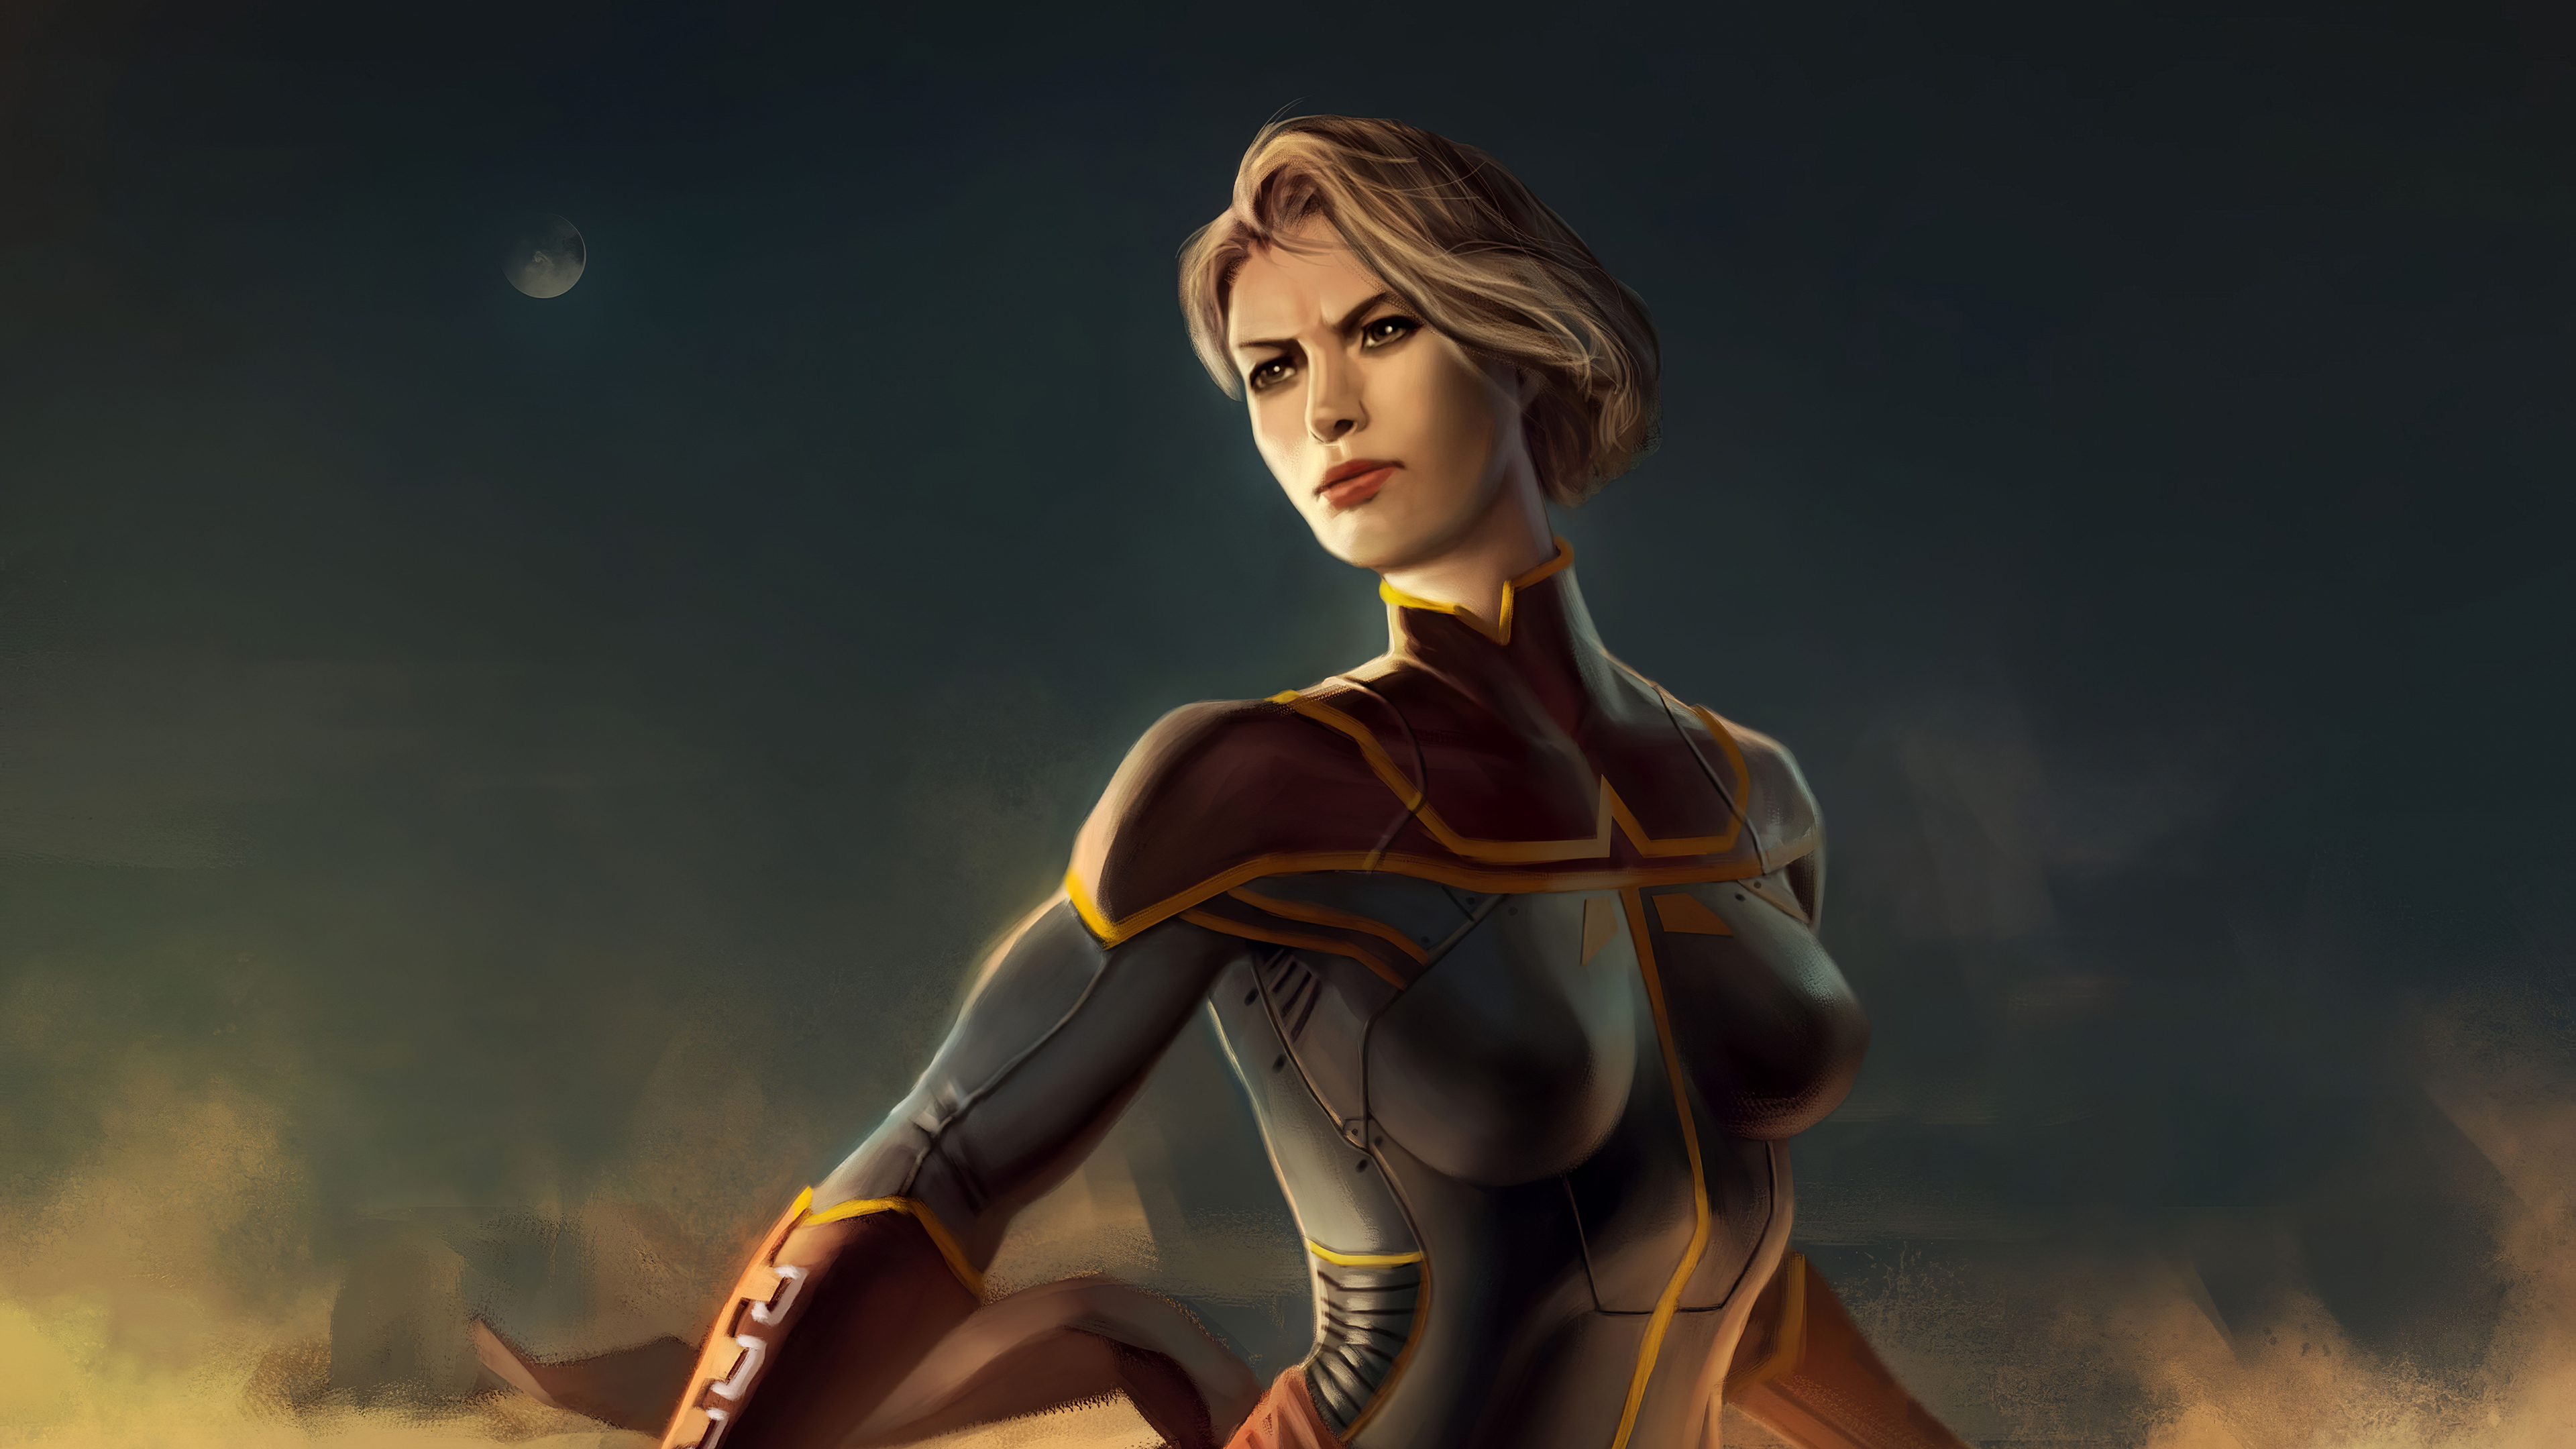 Wallpaper Captain Marvel Fanart